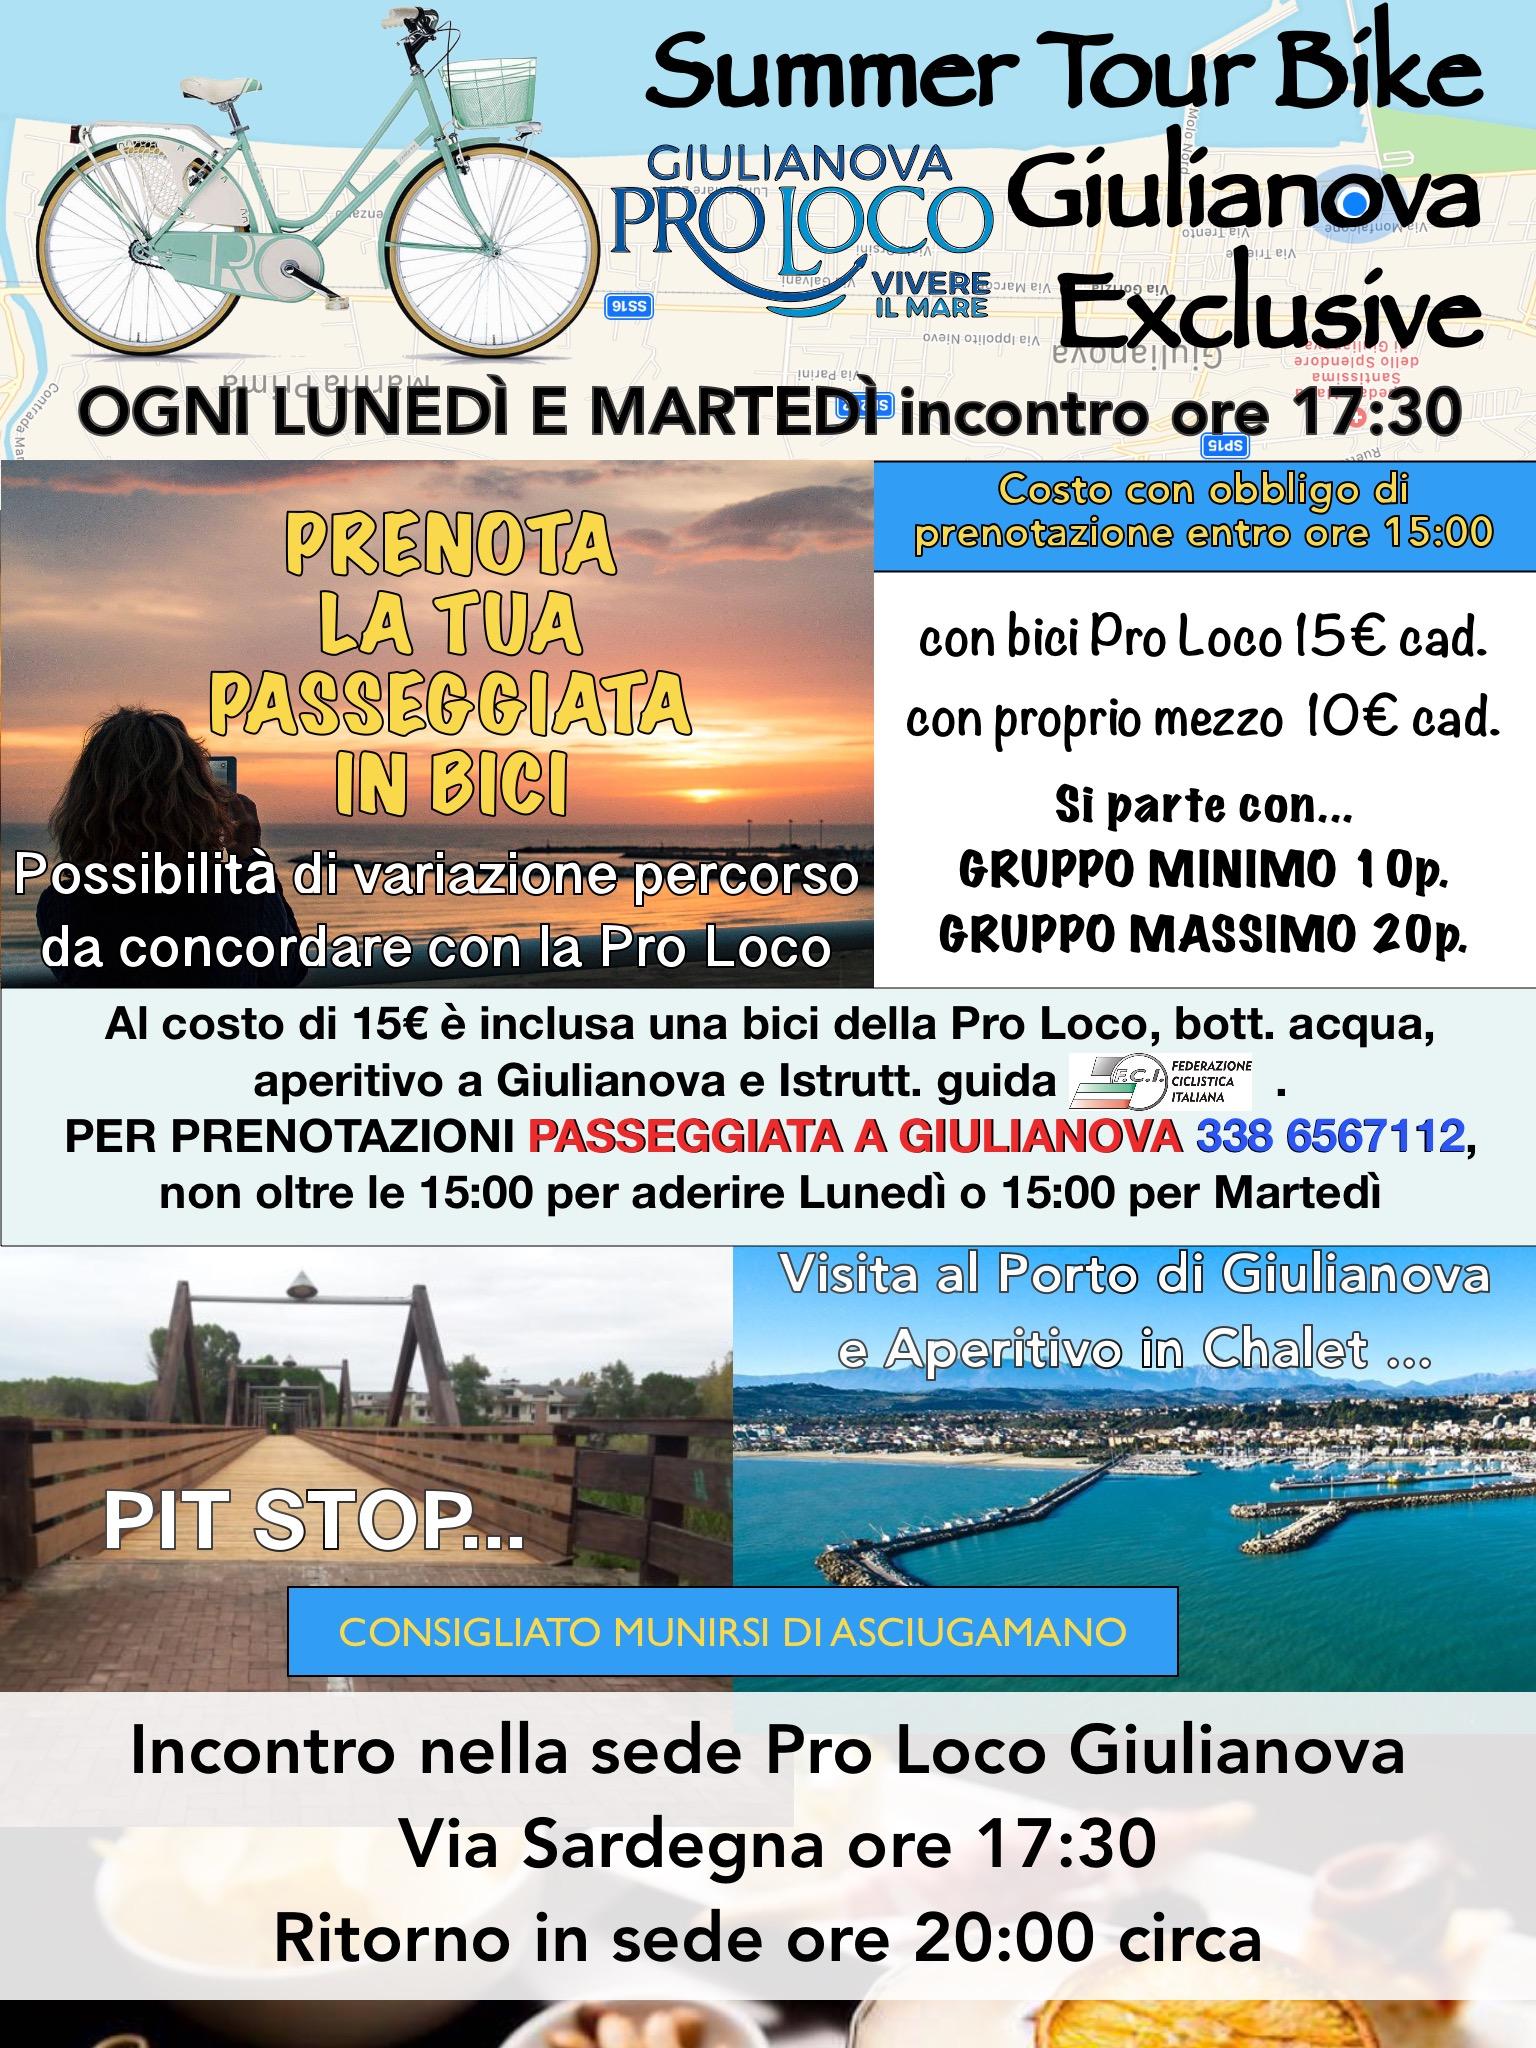 Giulianova – Tante opportunità offerte dalla Pro Loco